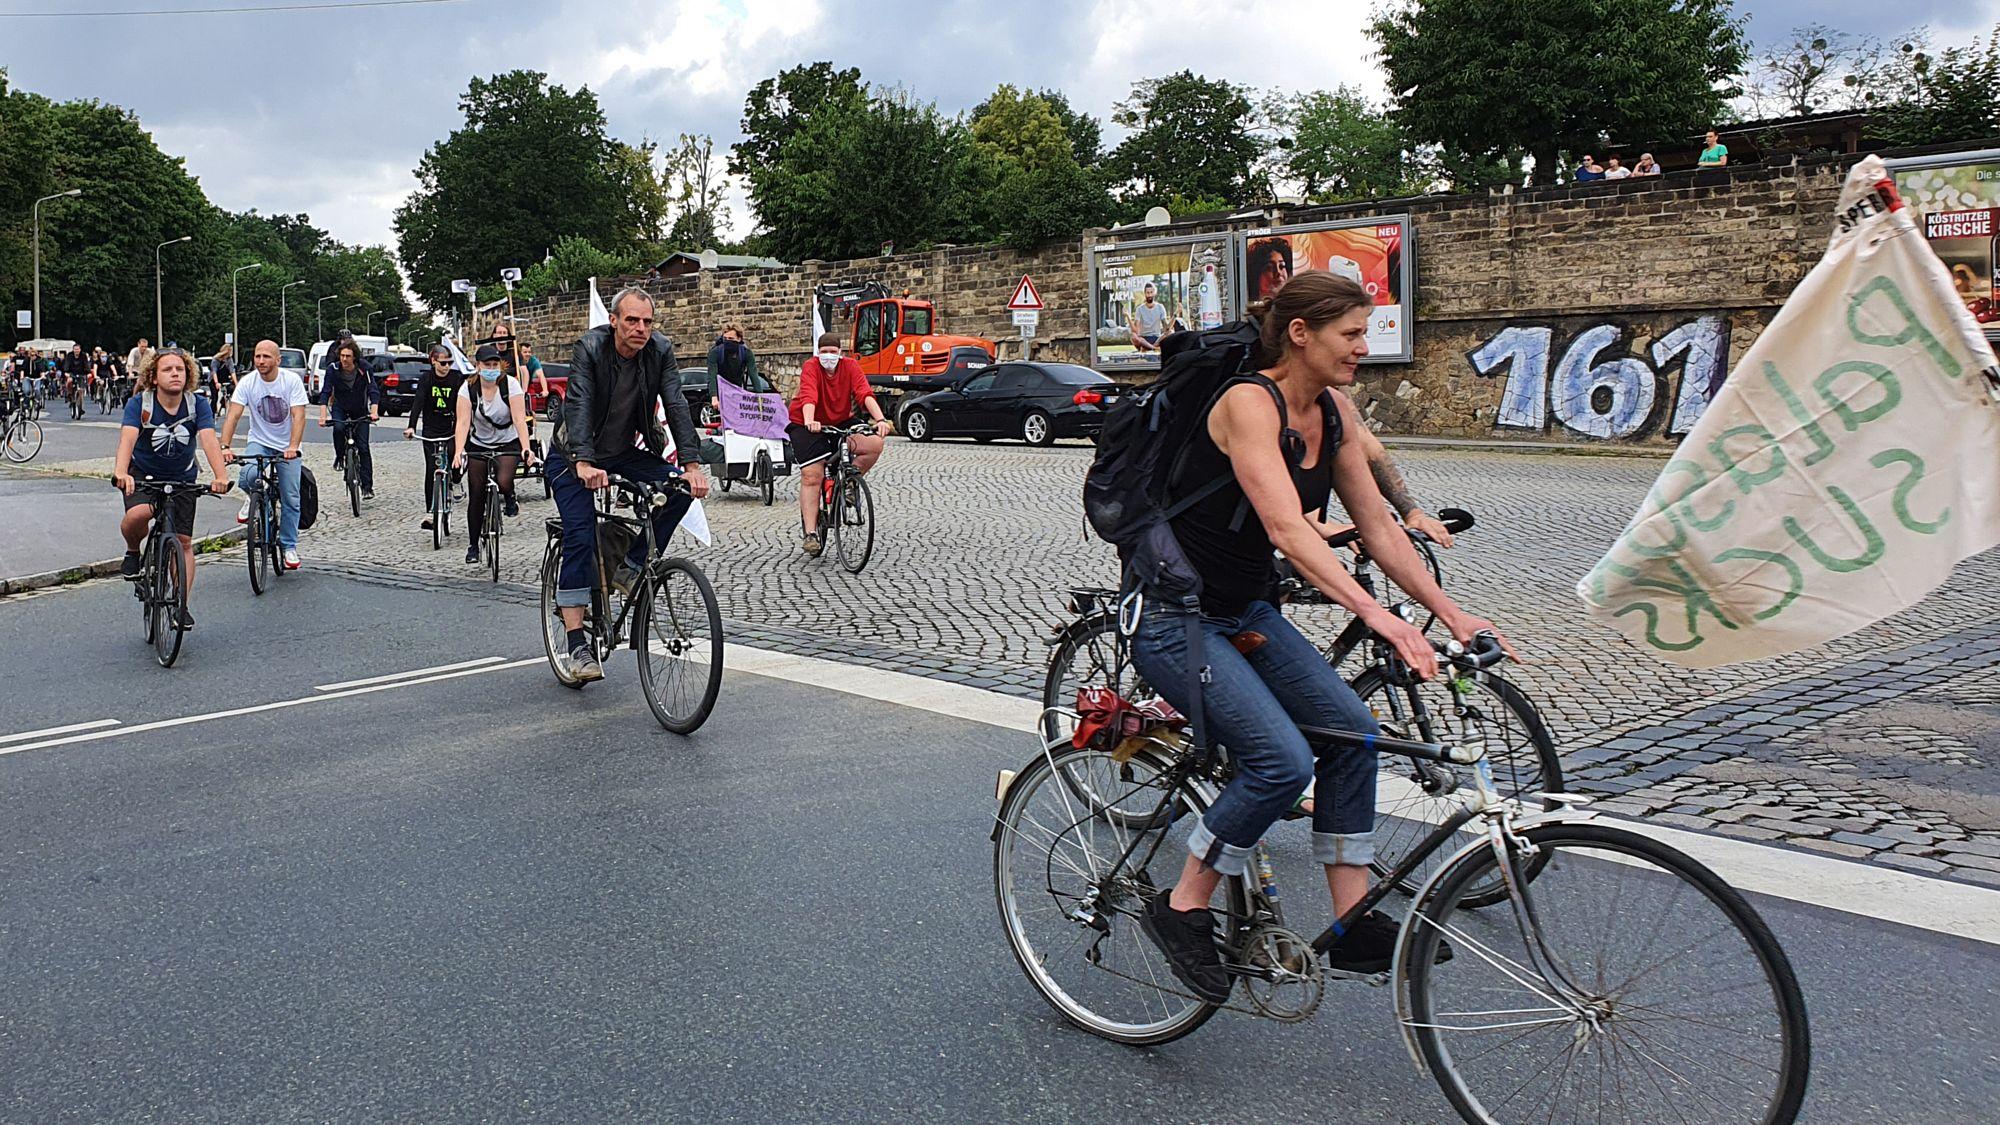 Fahrraddemo auf der Stauffenbergallee